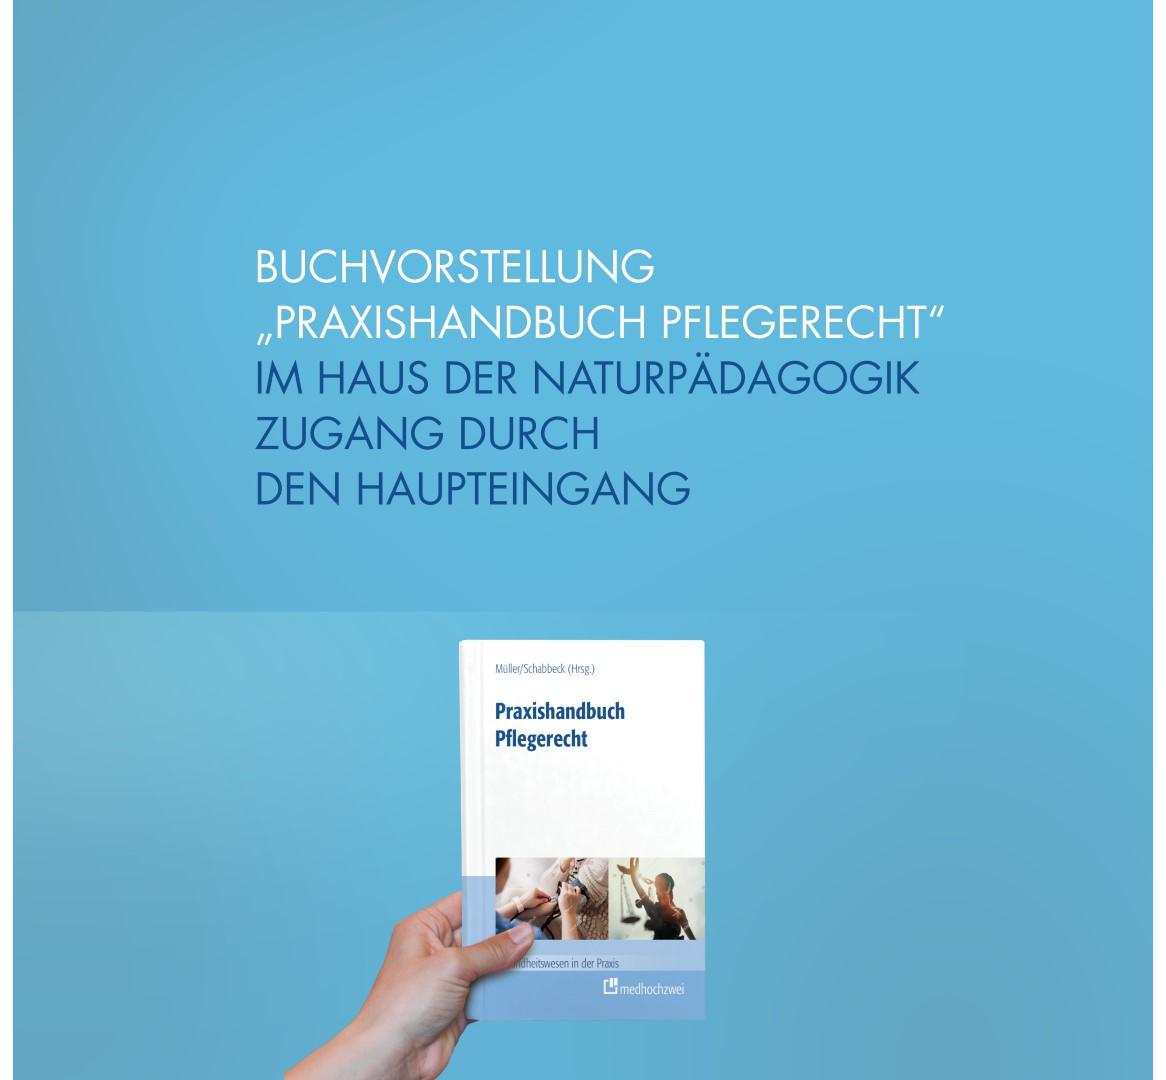 VSZ_Plakat50x70_BuchVÖ_01A_250918 (Large).jpg